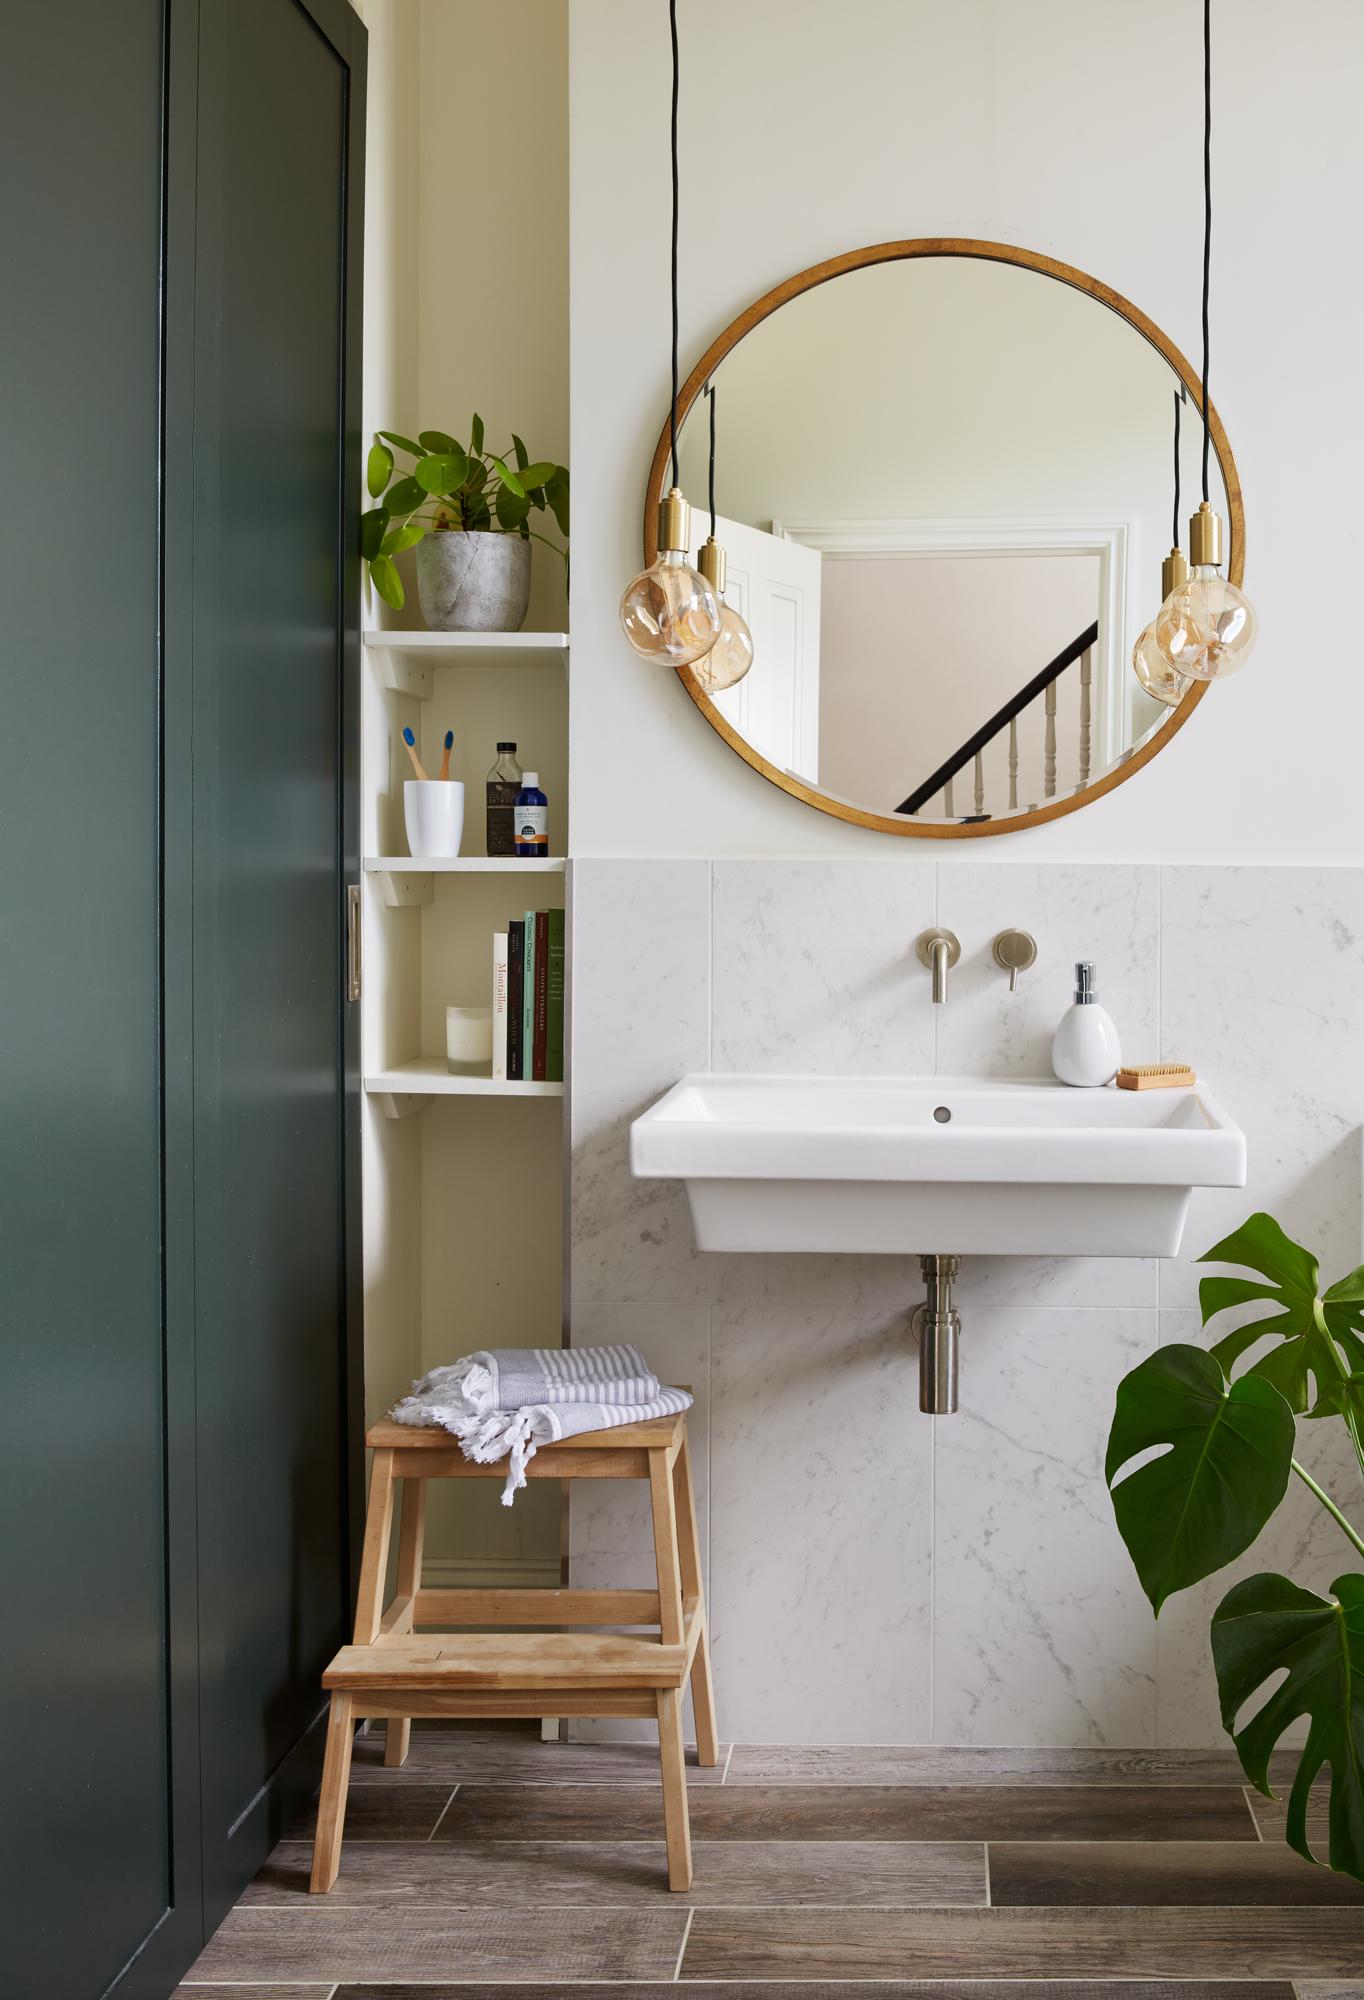 Bathroom Storage Ideas 25 Sleek